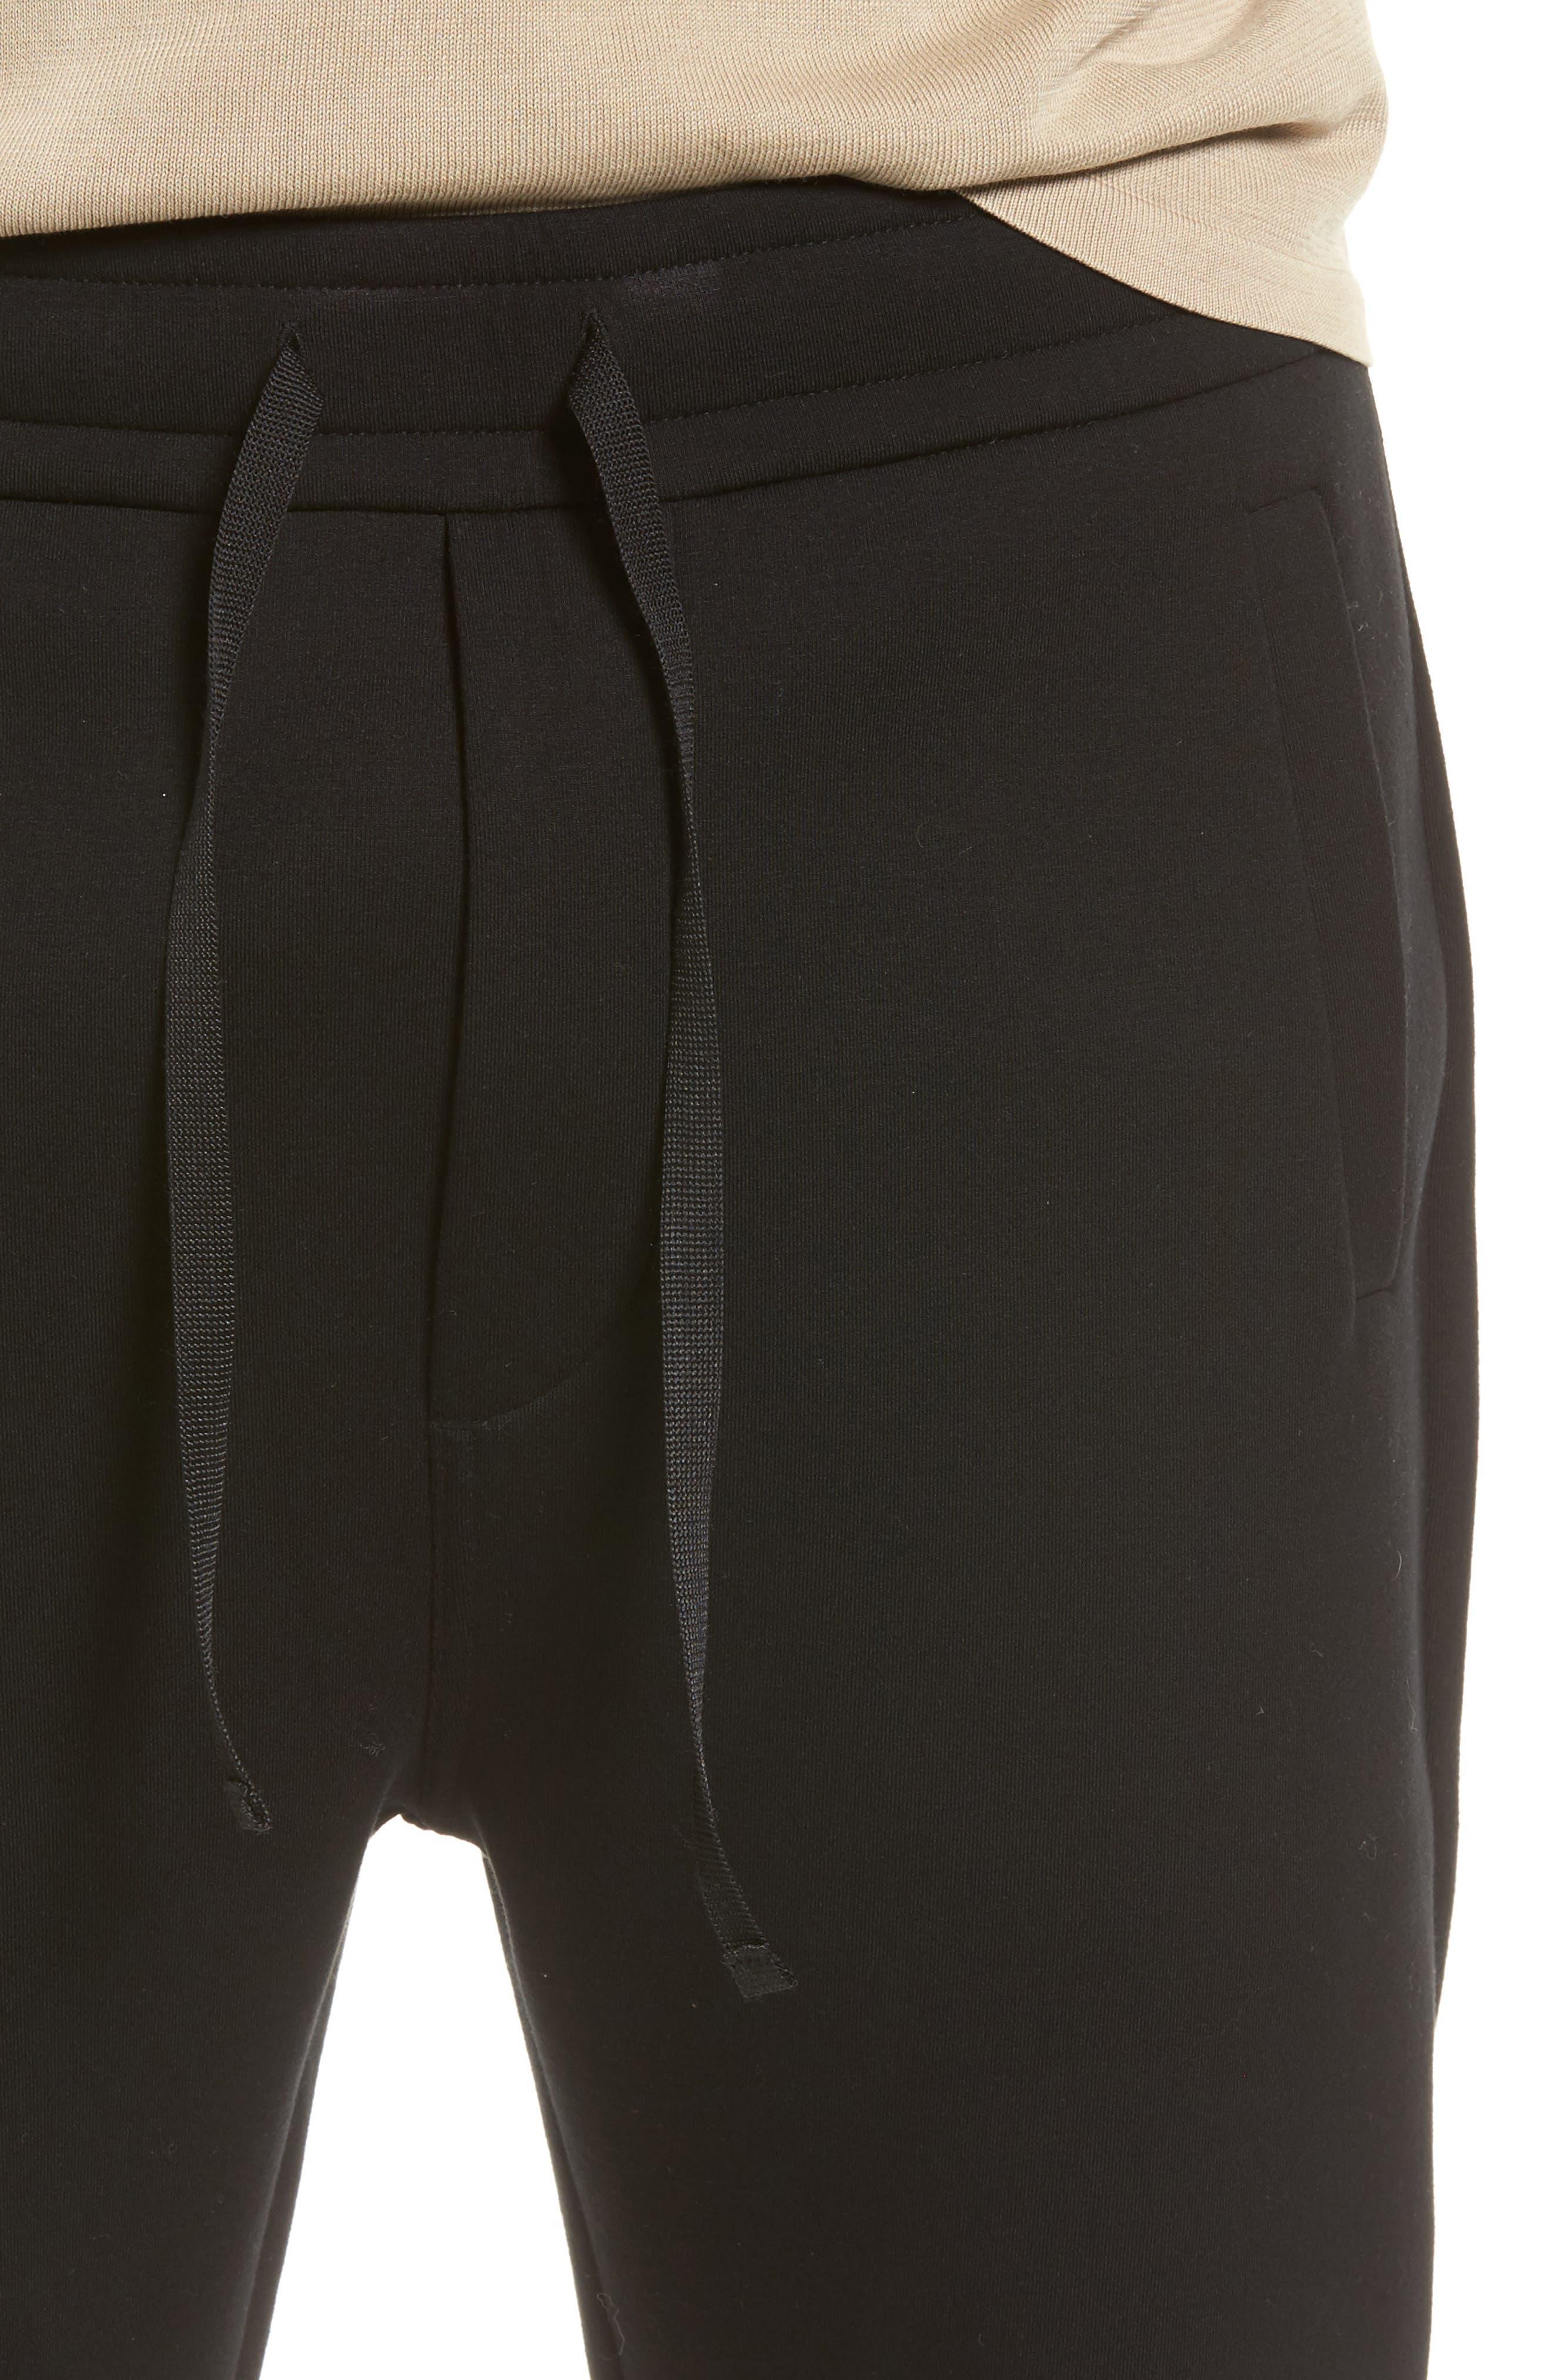 VINCE,                             Tech Slim Fit Track Pants,                             Alternate thumbnail 4, color,                             001